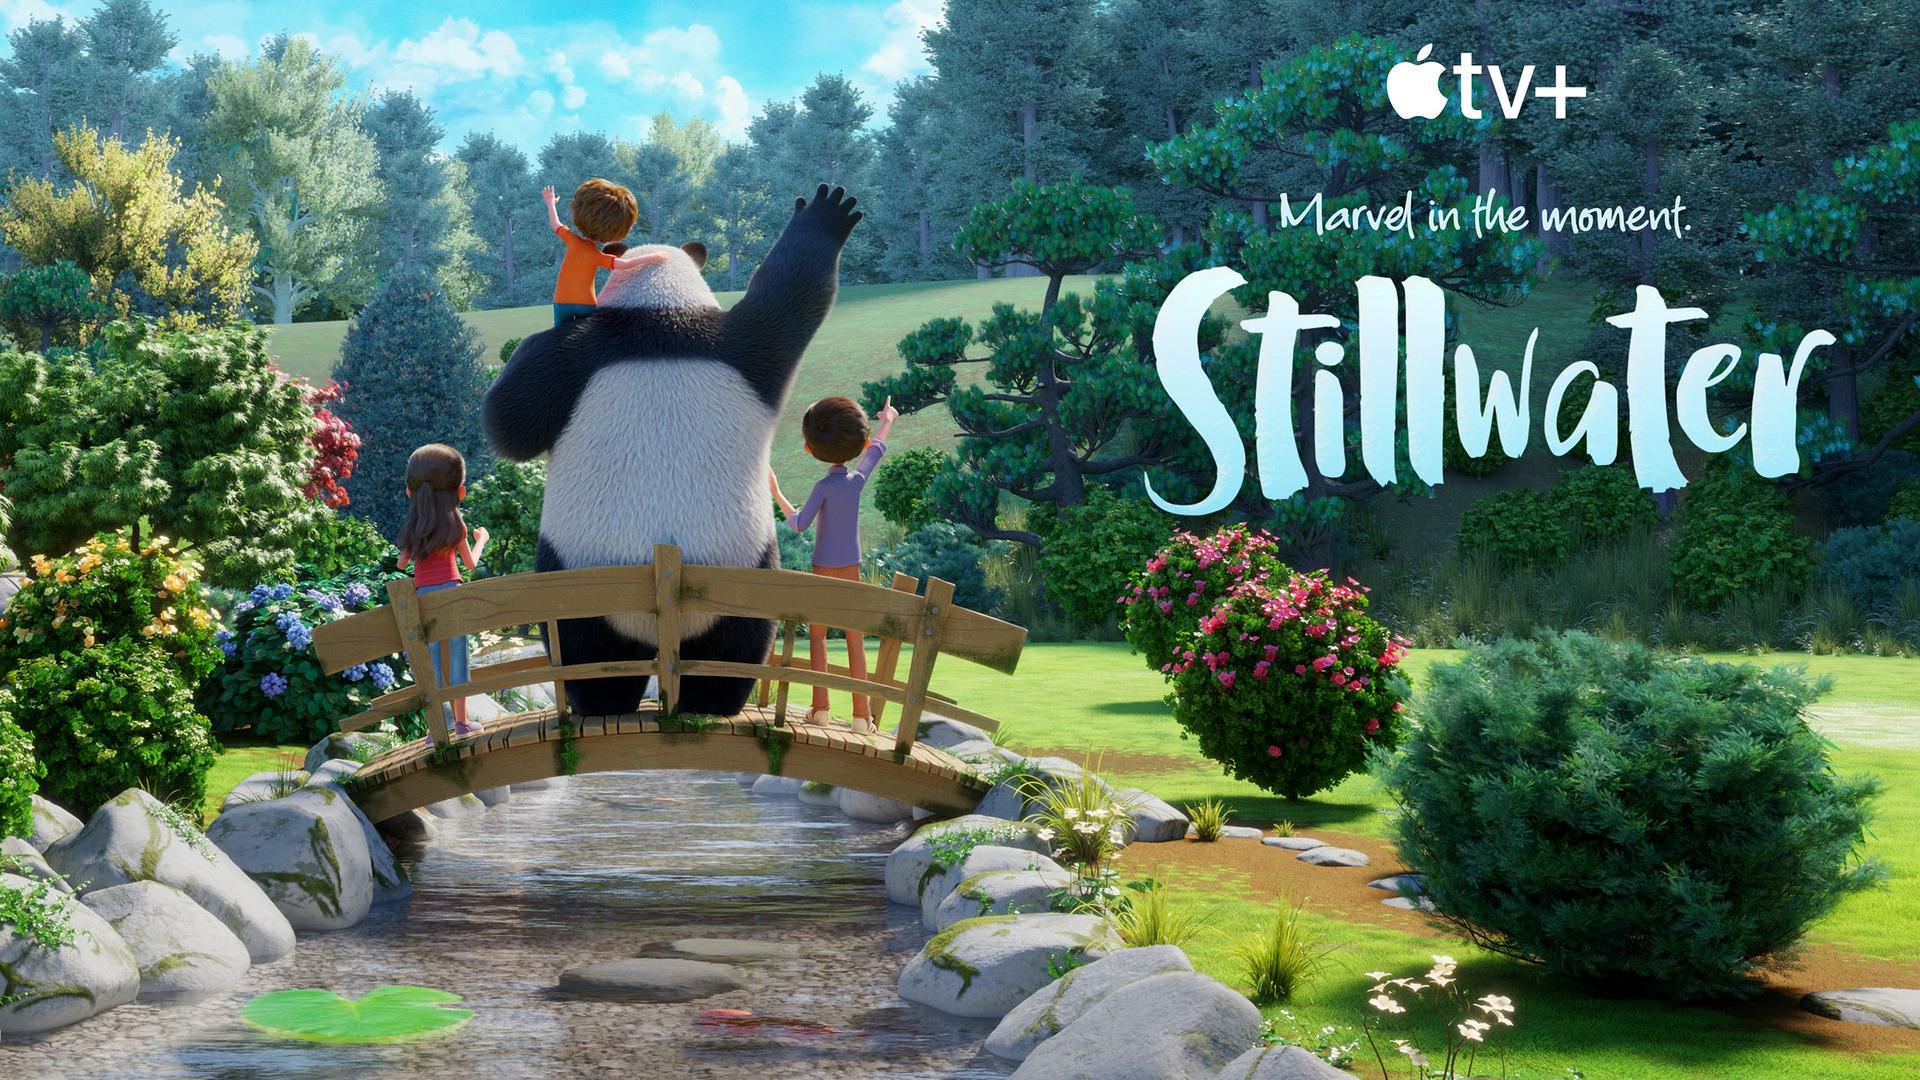 Show Stillwater